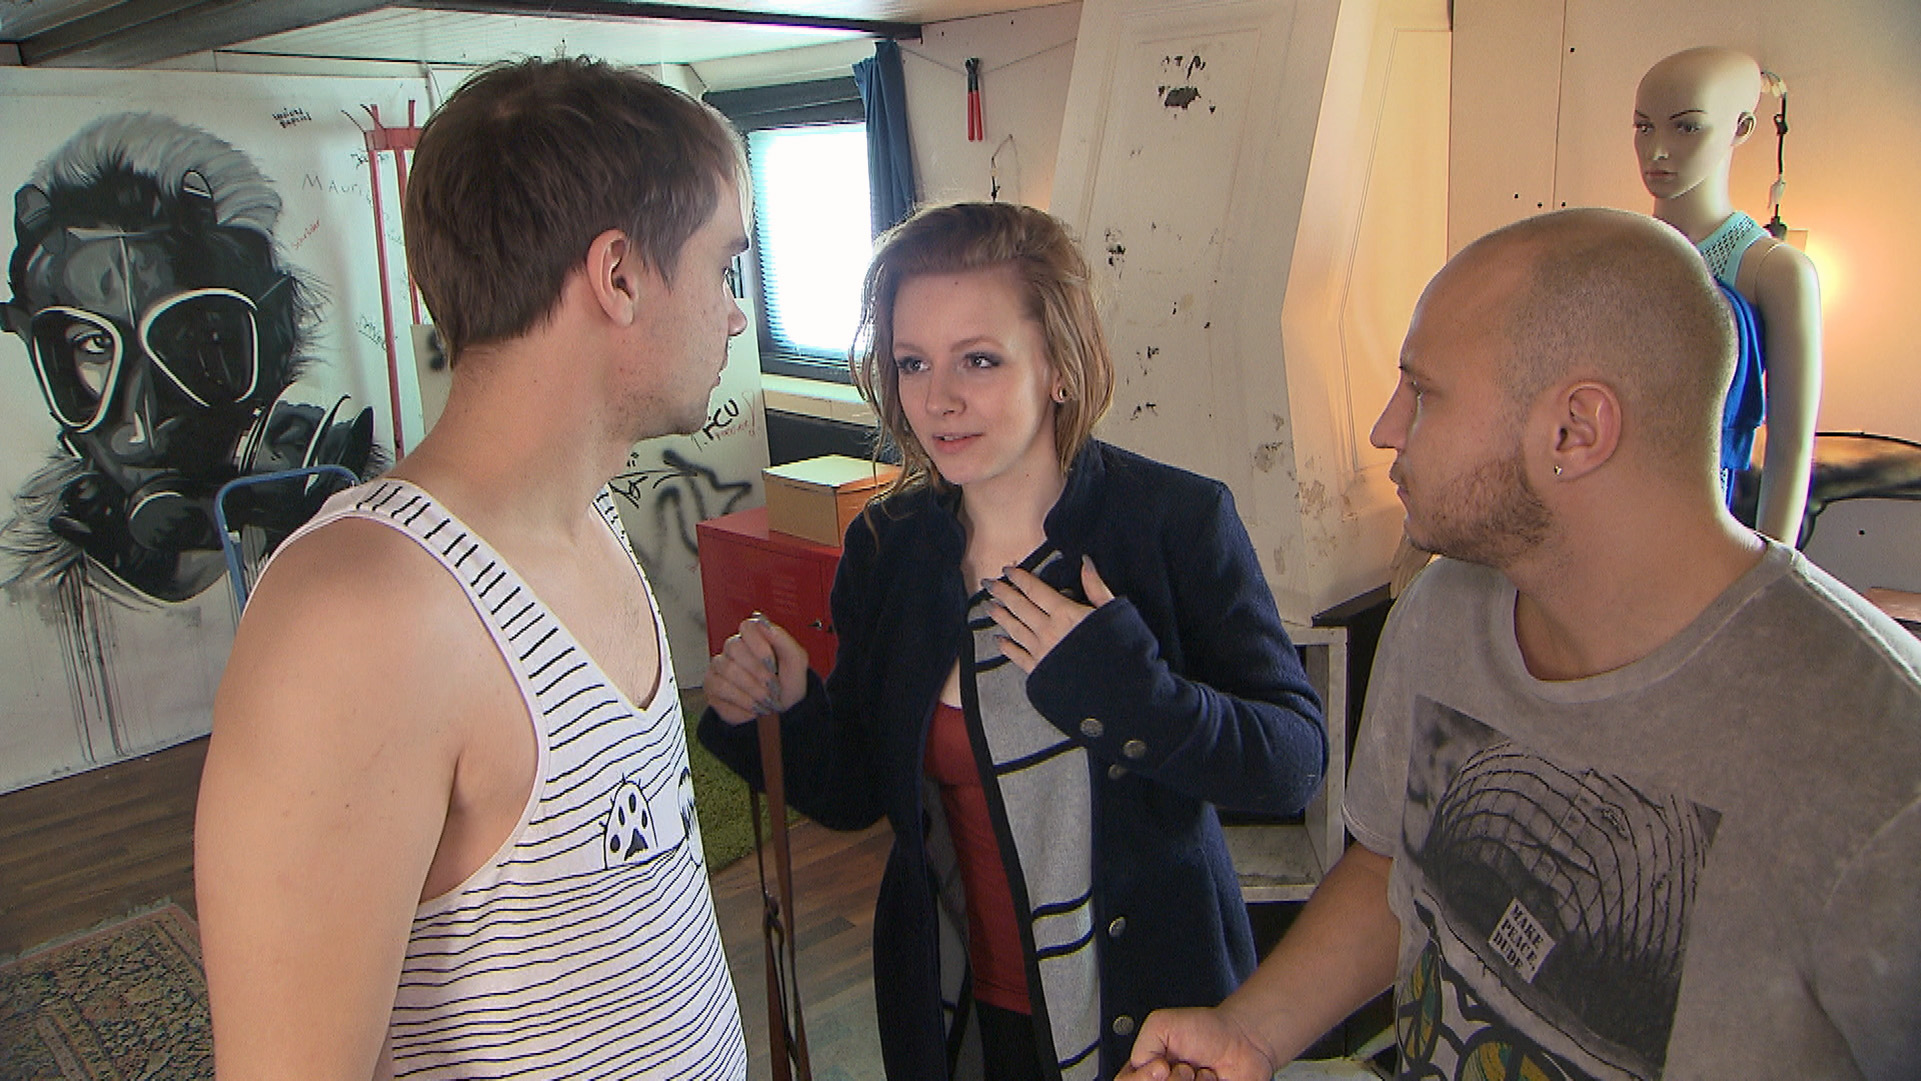 Emmi ermahnt Krätze (re.) und Schmidti (li.), sich einen neuen Job zu suchen... (Quelle: RTL 2)